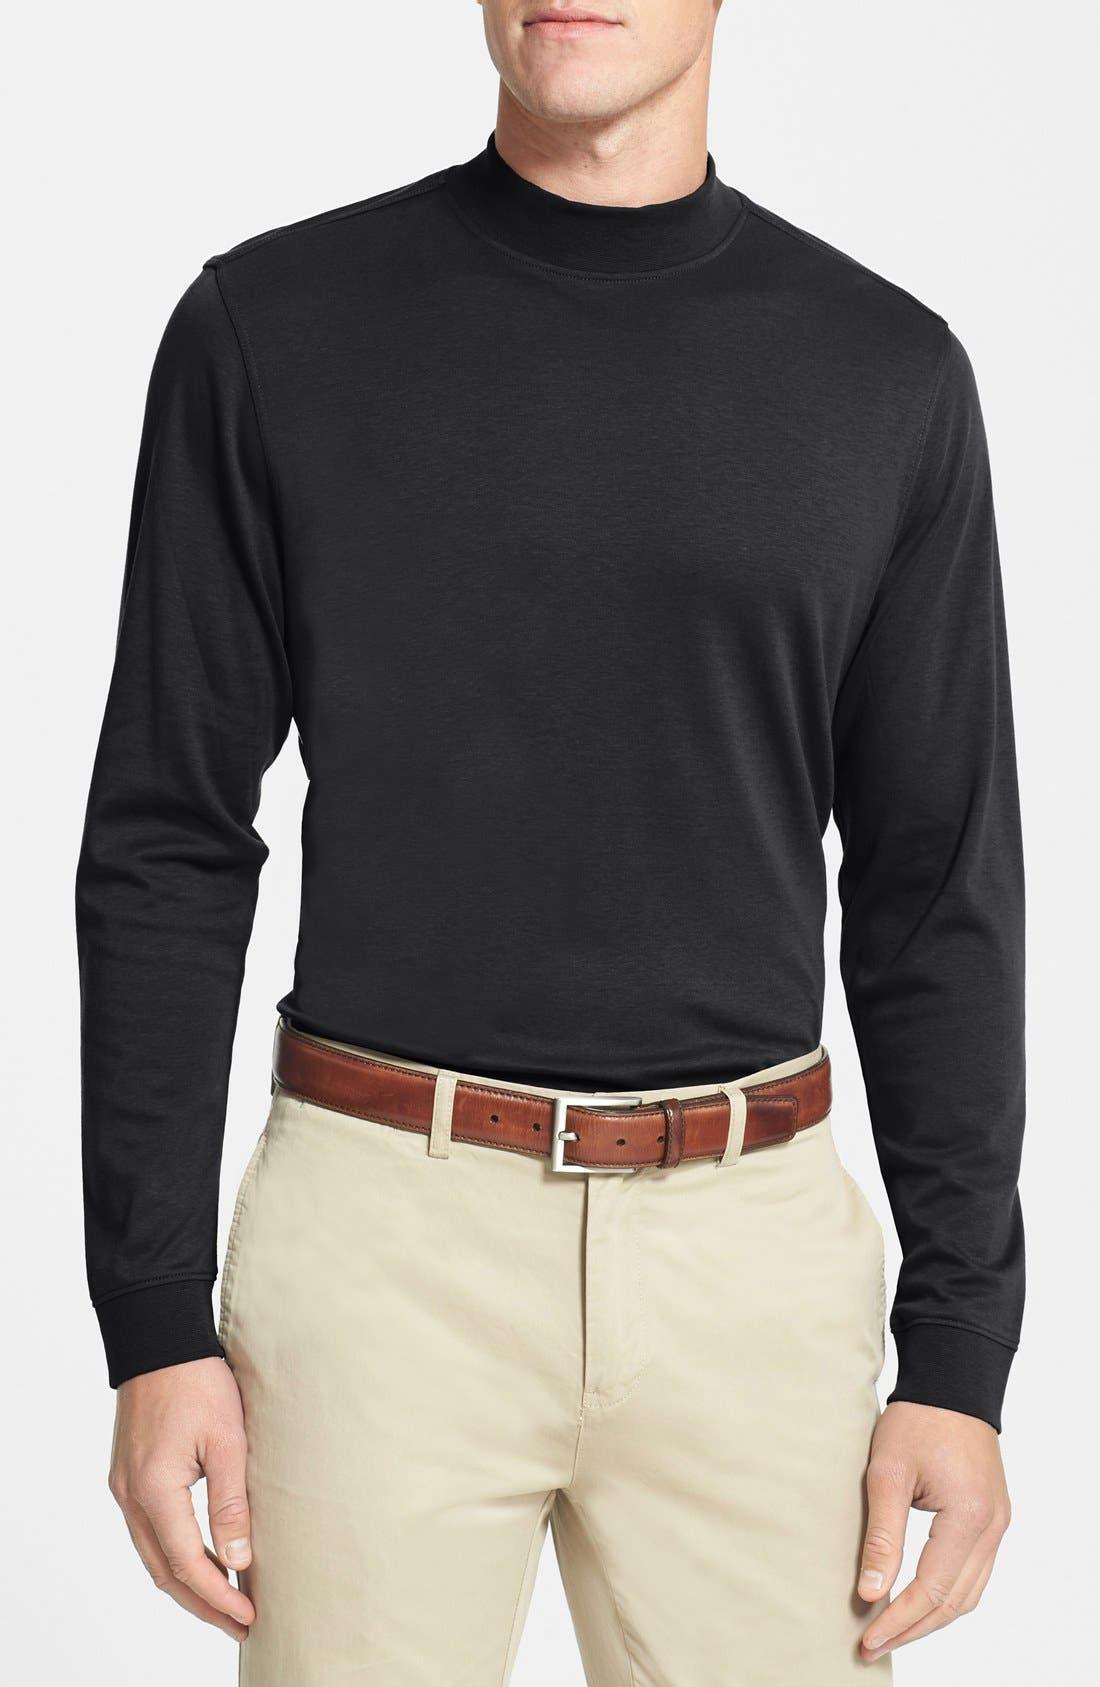 Alternate Image 1 Selected - Cutter & Buck 'Belfair' Long Sleeve Mock Neck Pima Cotton T-Shirt